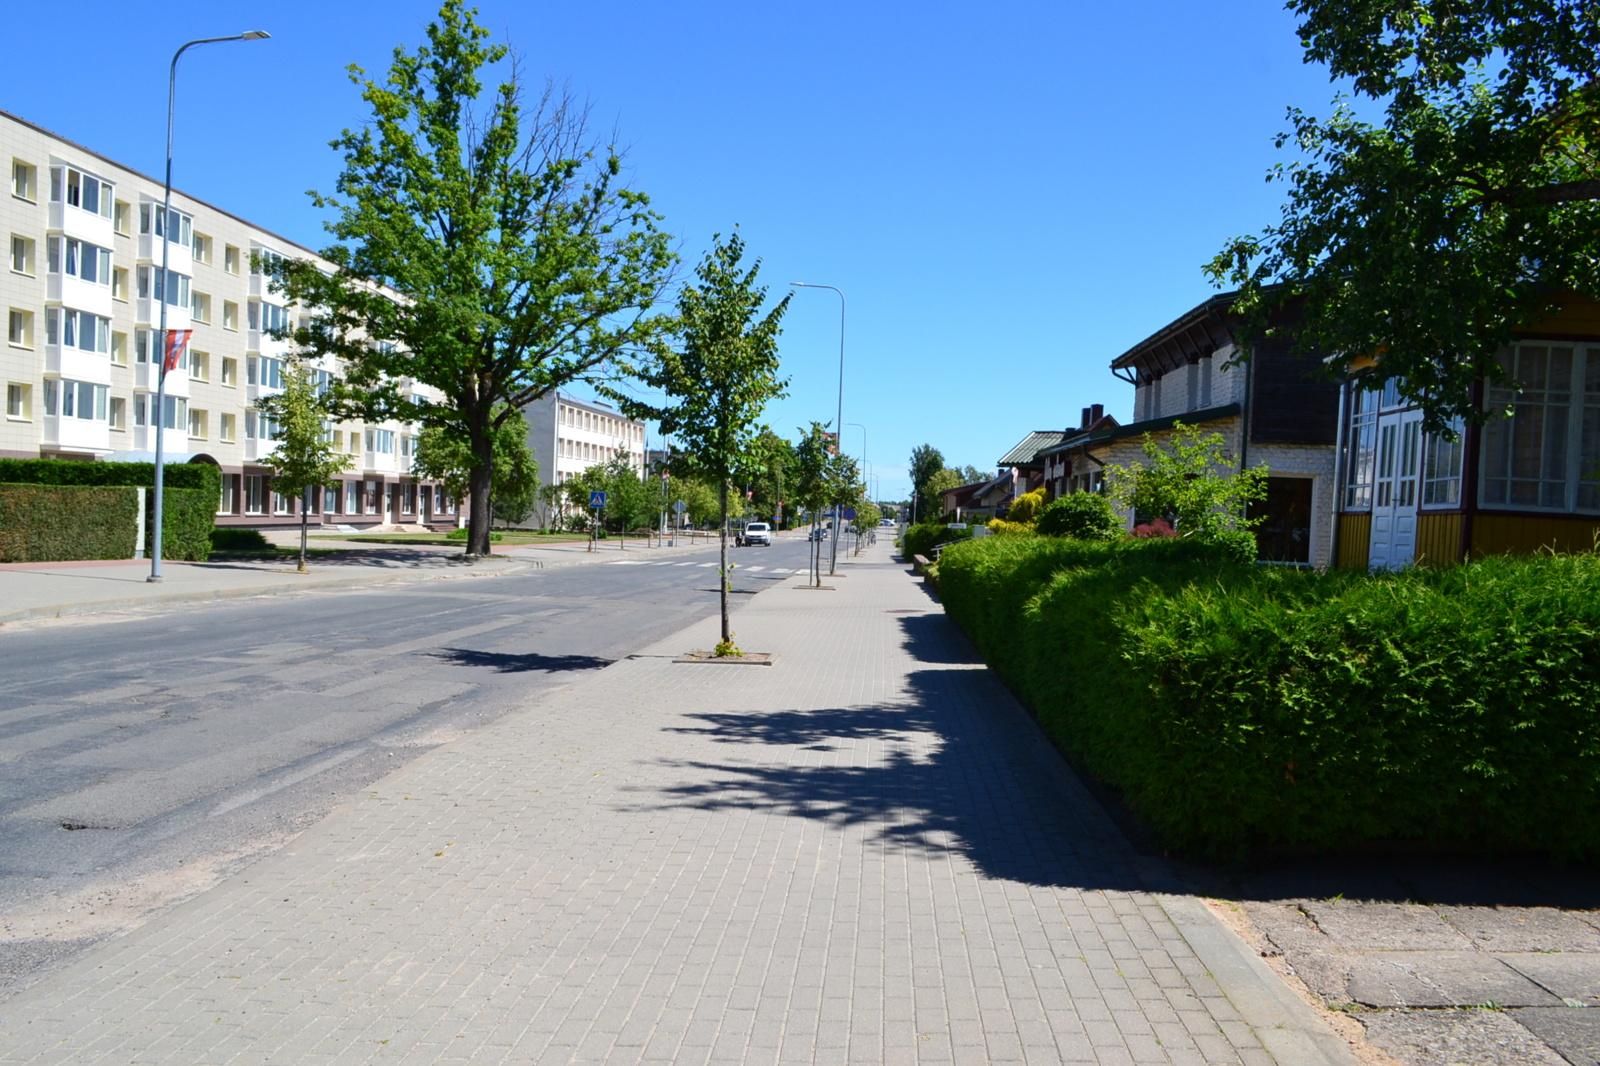 Mosėdyje už 164 tūkst. eurų bus tvarkomos viešosios erdvės